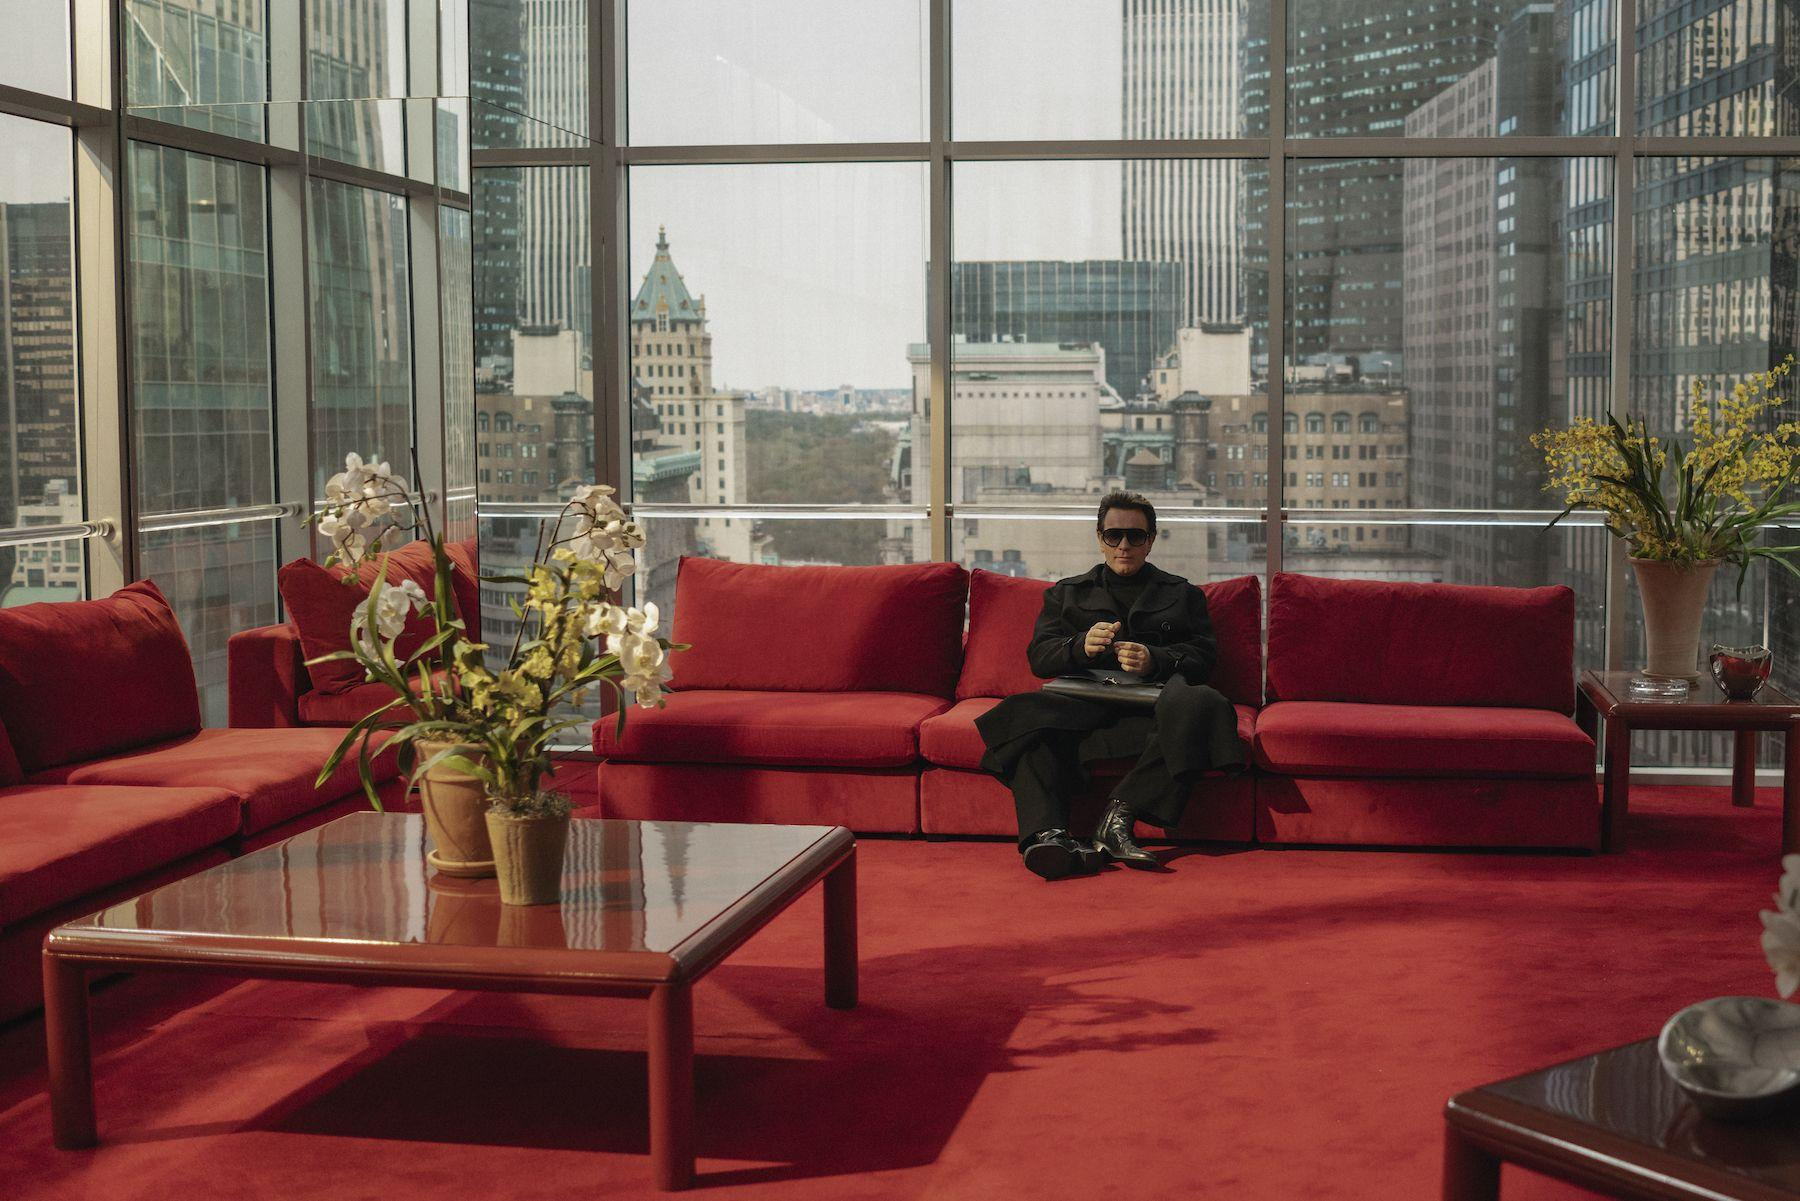 Cena da série Halston. Ewan McGregor está no fundo da imagem, vestido inteiramente de preto. Ele está sentado em um sofá vermelo, que combina com o carpete também vermelho da sala. Ao seu redor, todas as paredes são de vidro, assim como a mesinha no canto esquerdo, que contém um vaso com orquídeas.